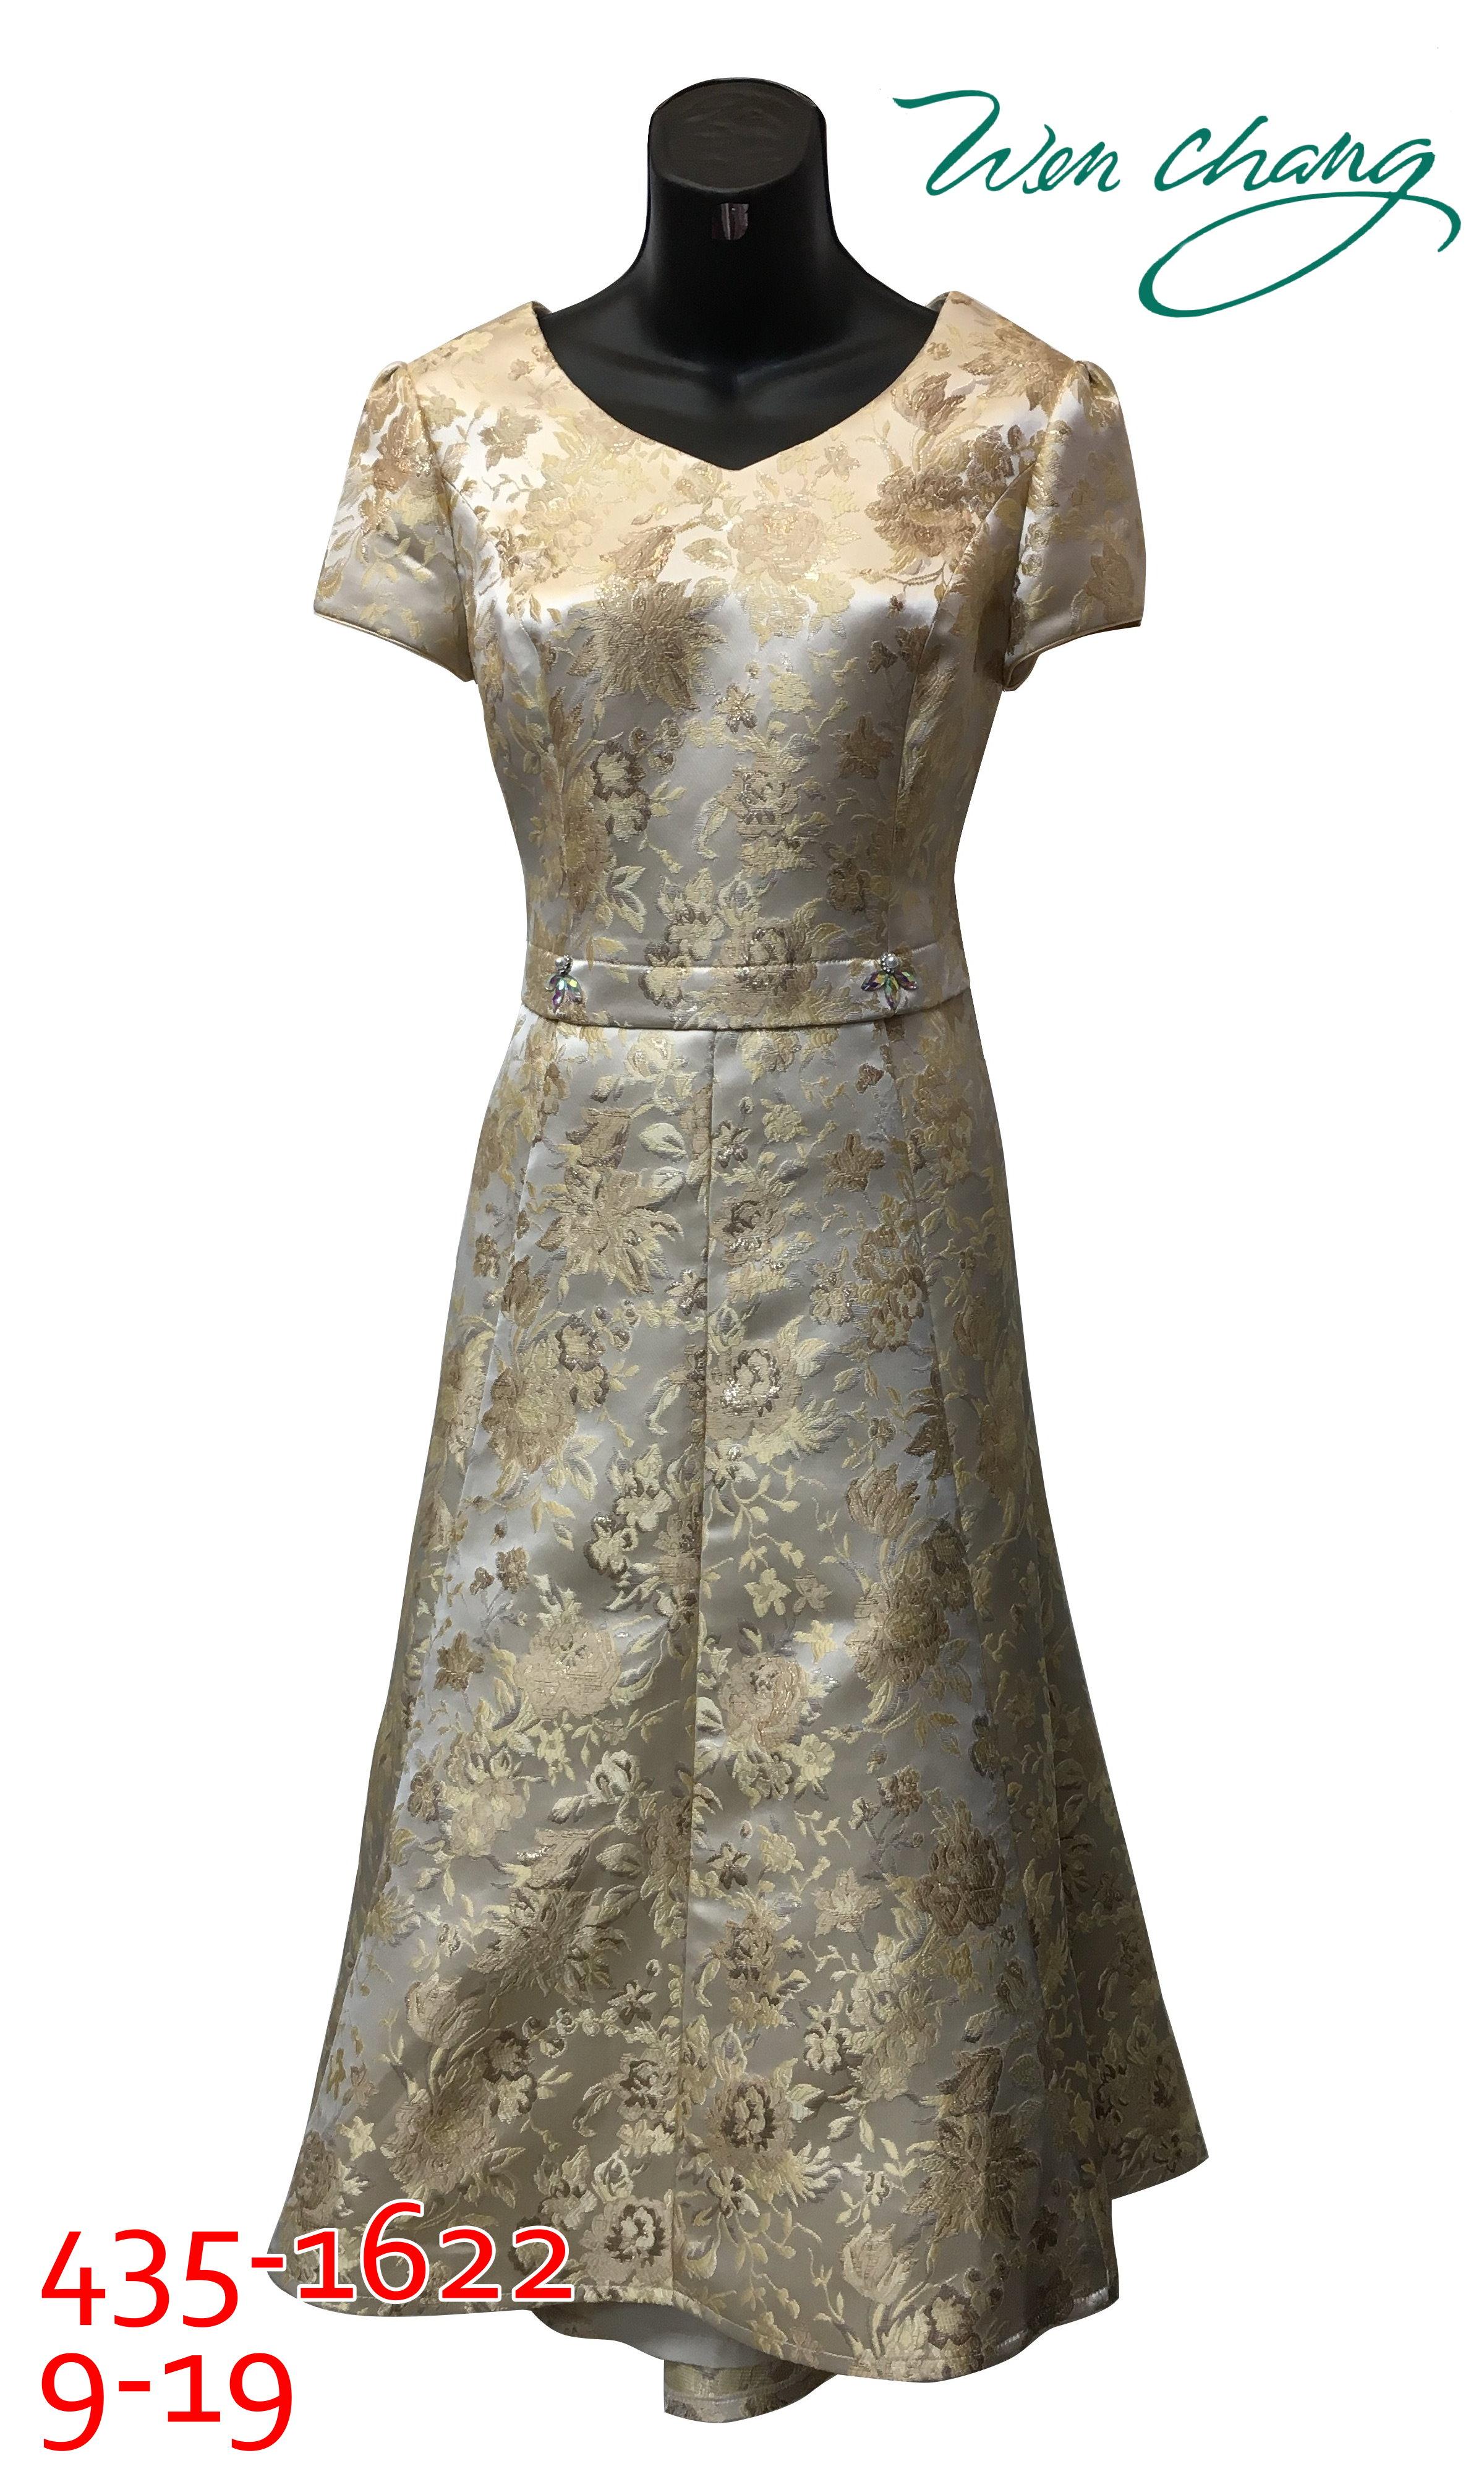 媽媽長禮服-435-1622